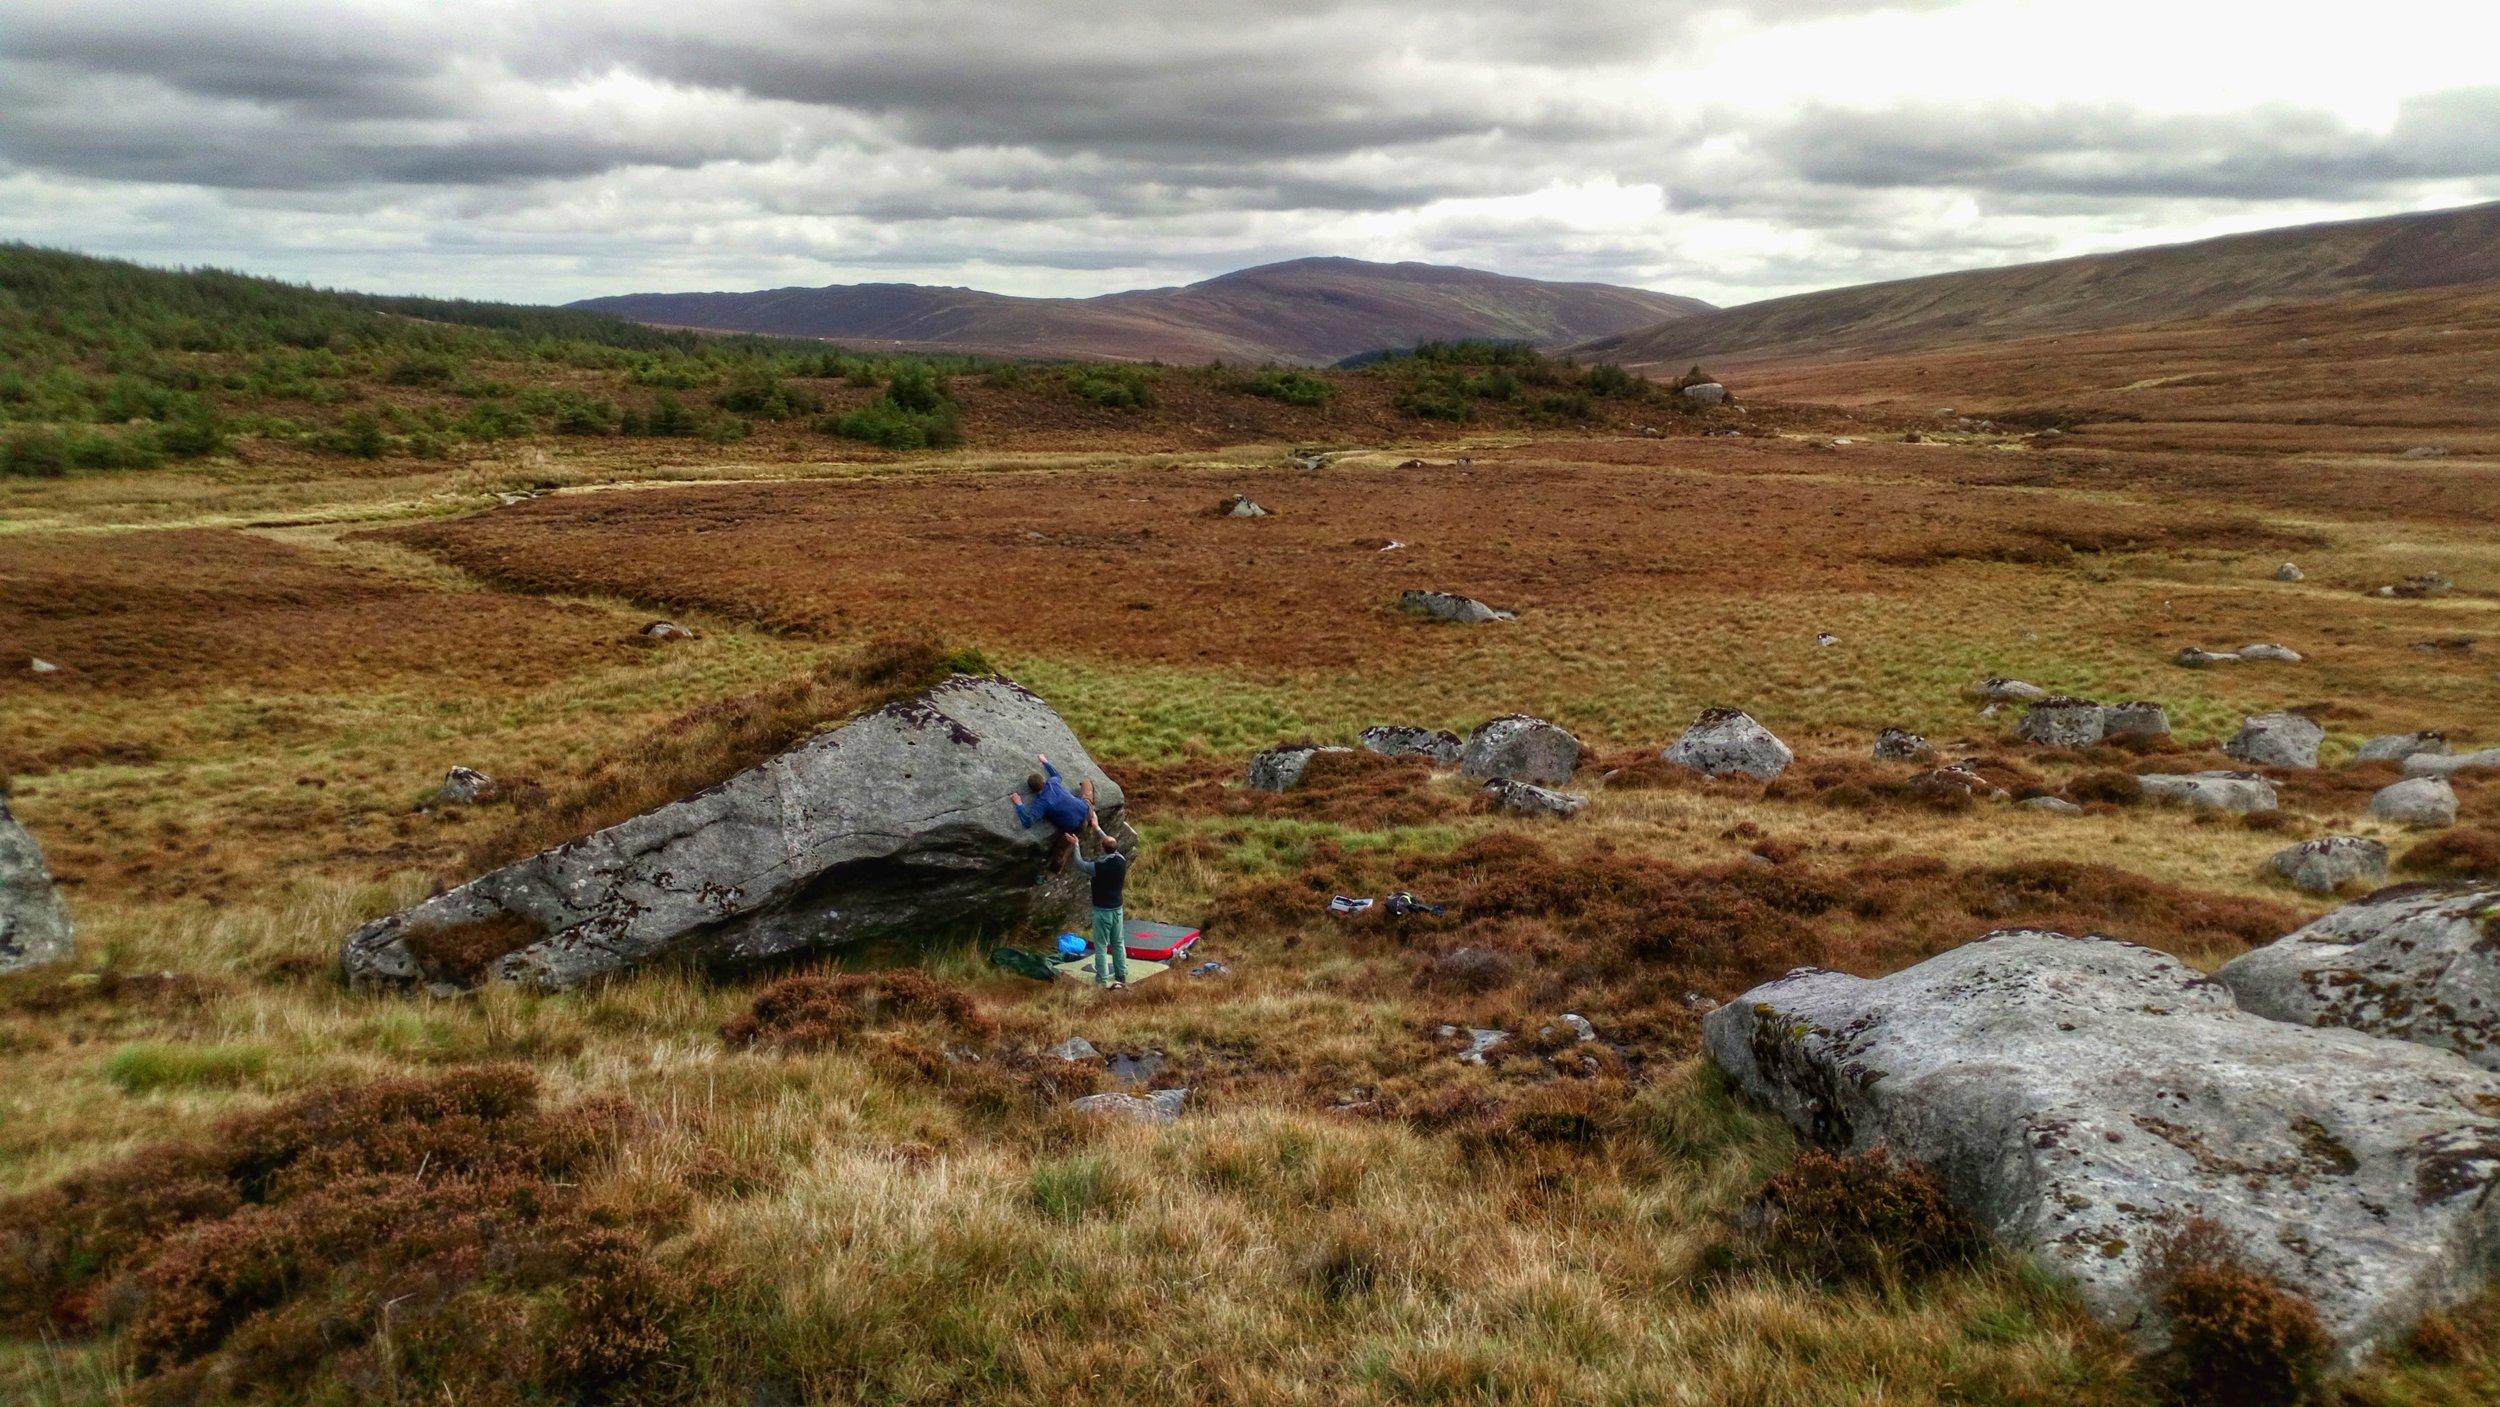 Bouldering in the hidden valley of Glenmacnass, Co. Wicklow